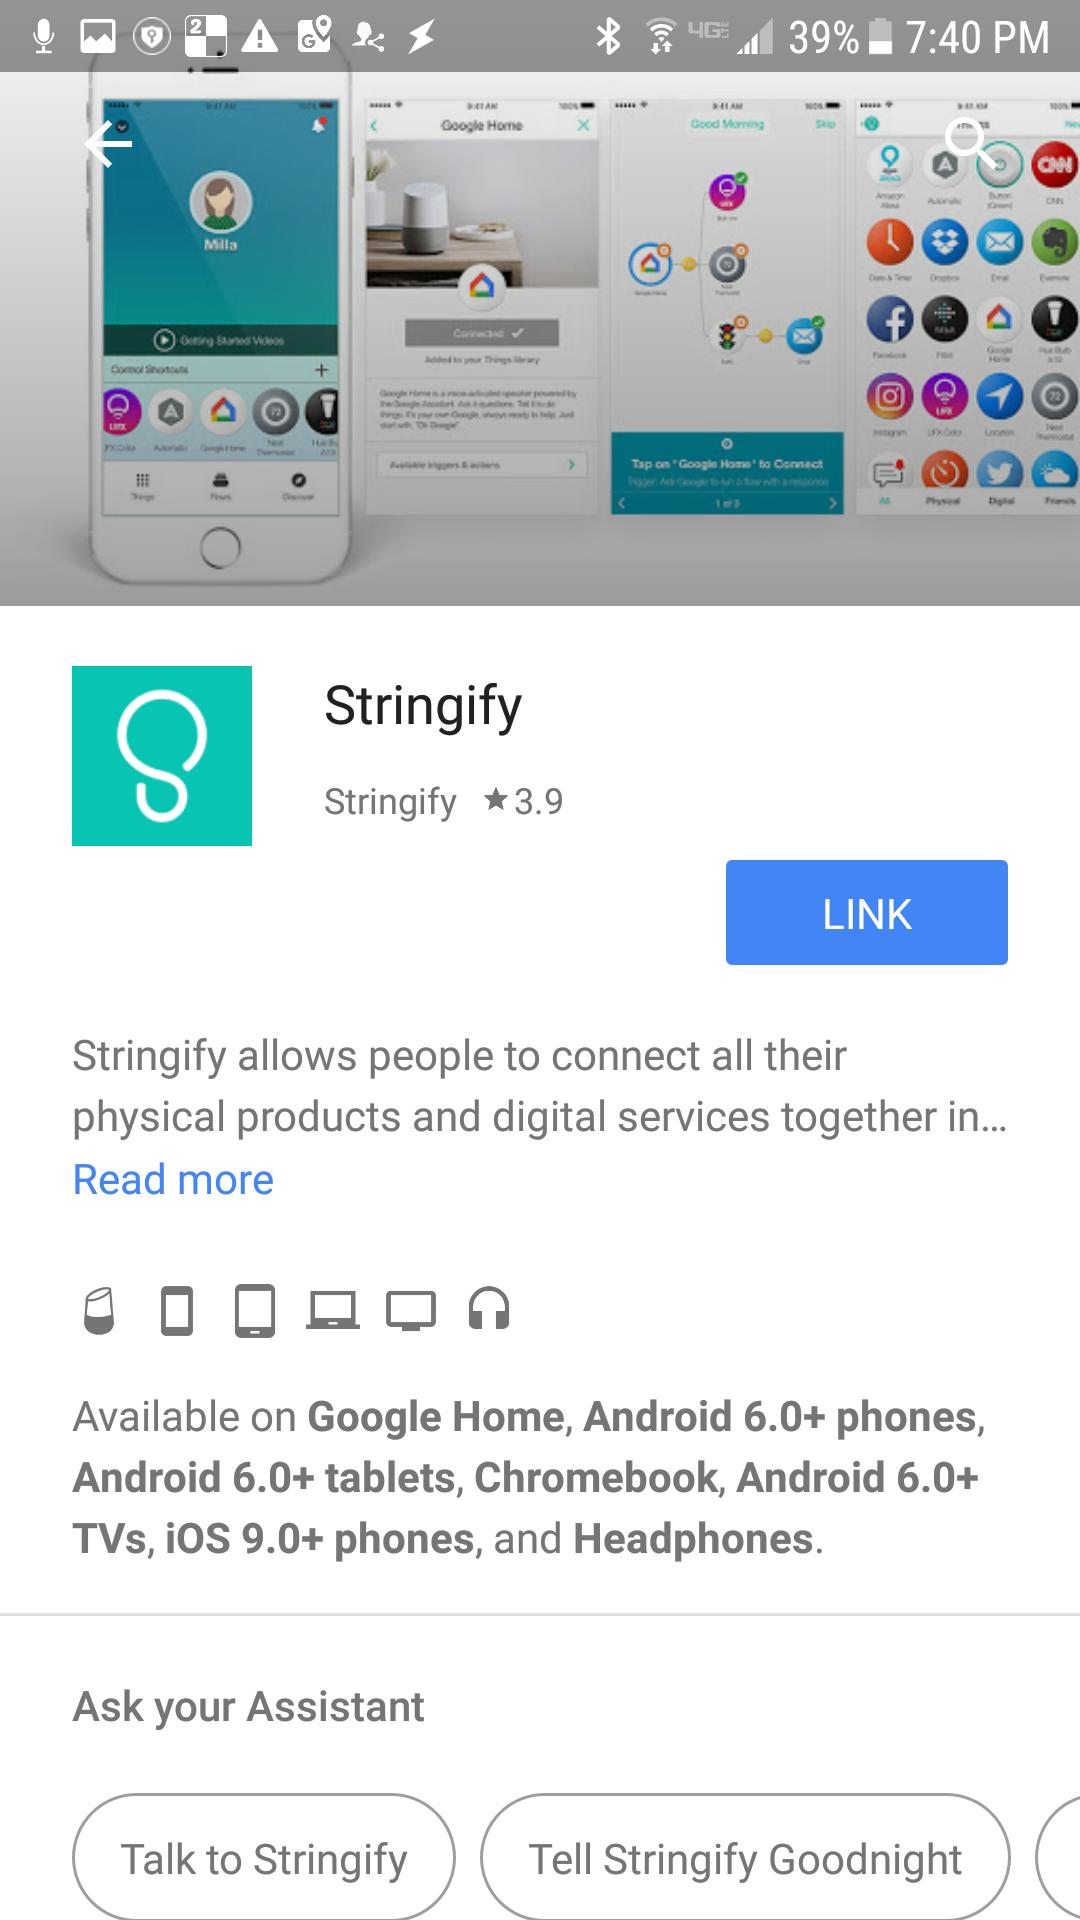 TRIGGERcmd Stringify1